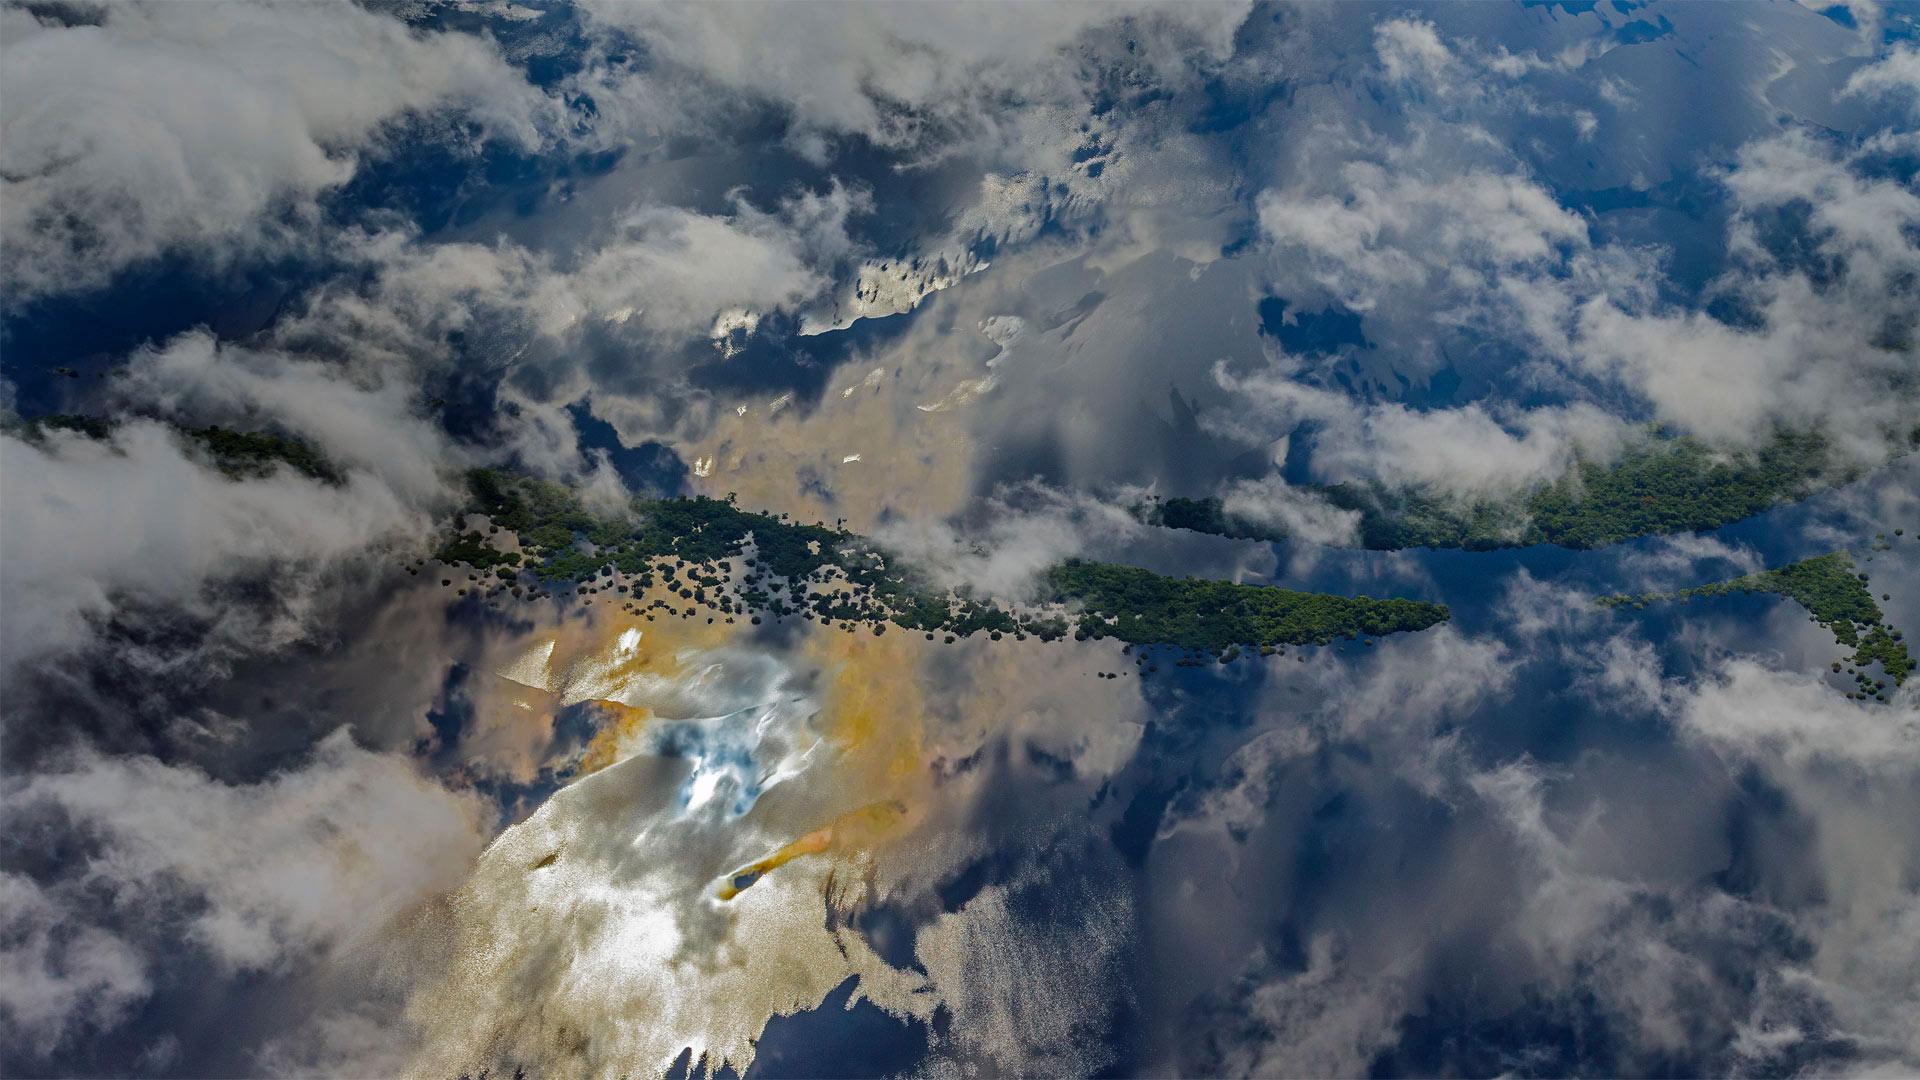 Manaus Basin